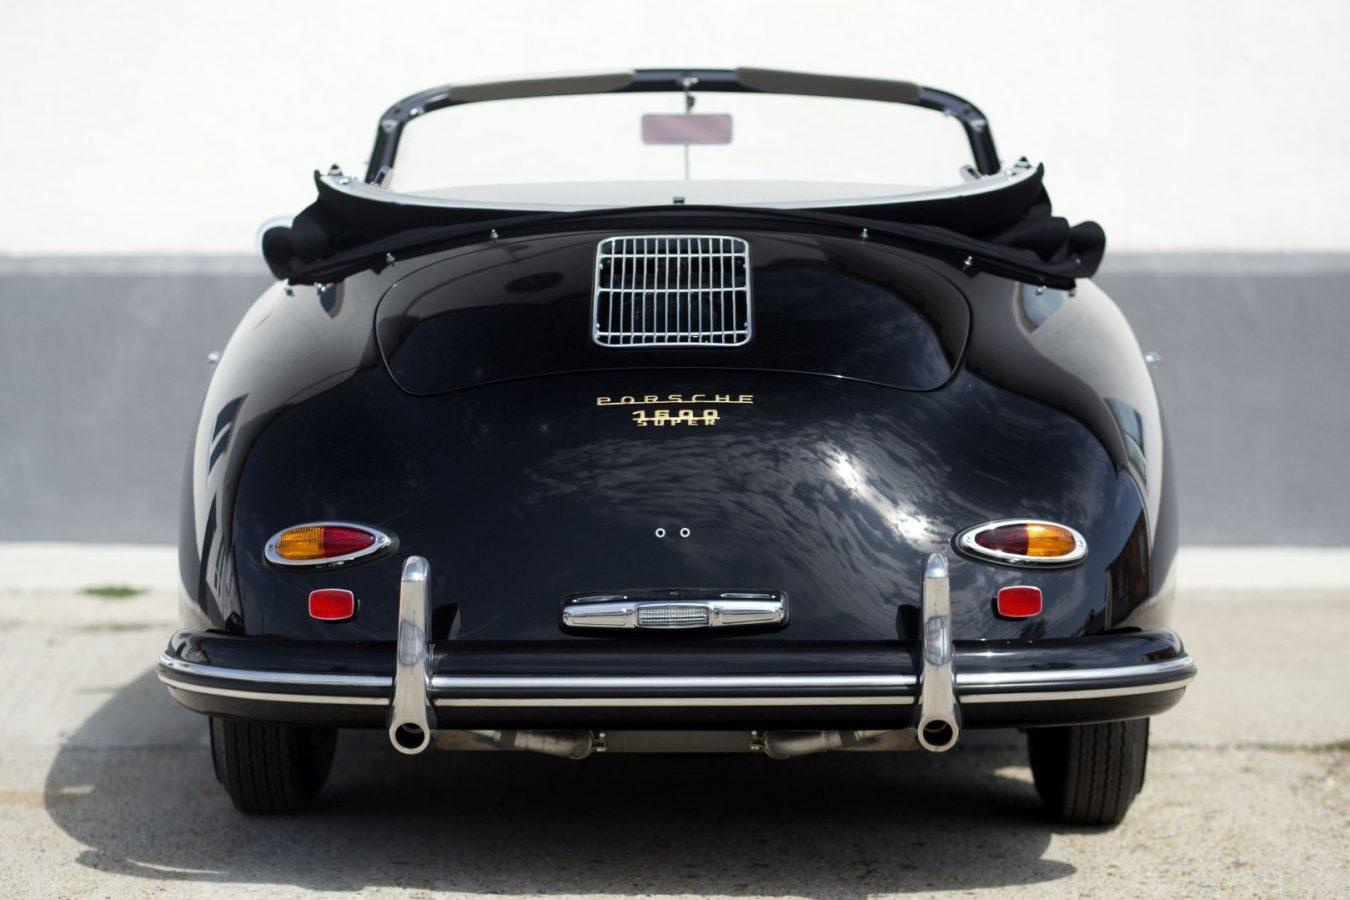 Schwarzer Porsche 356A Cabriolet von hinten